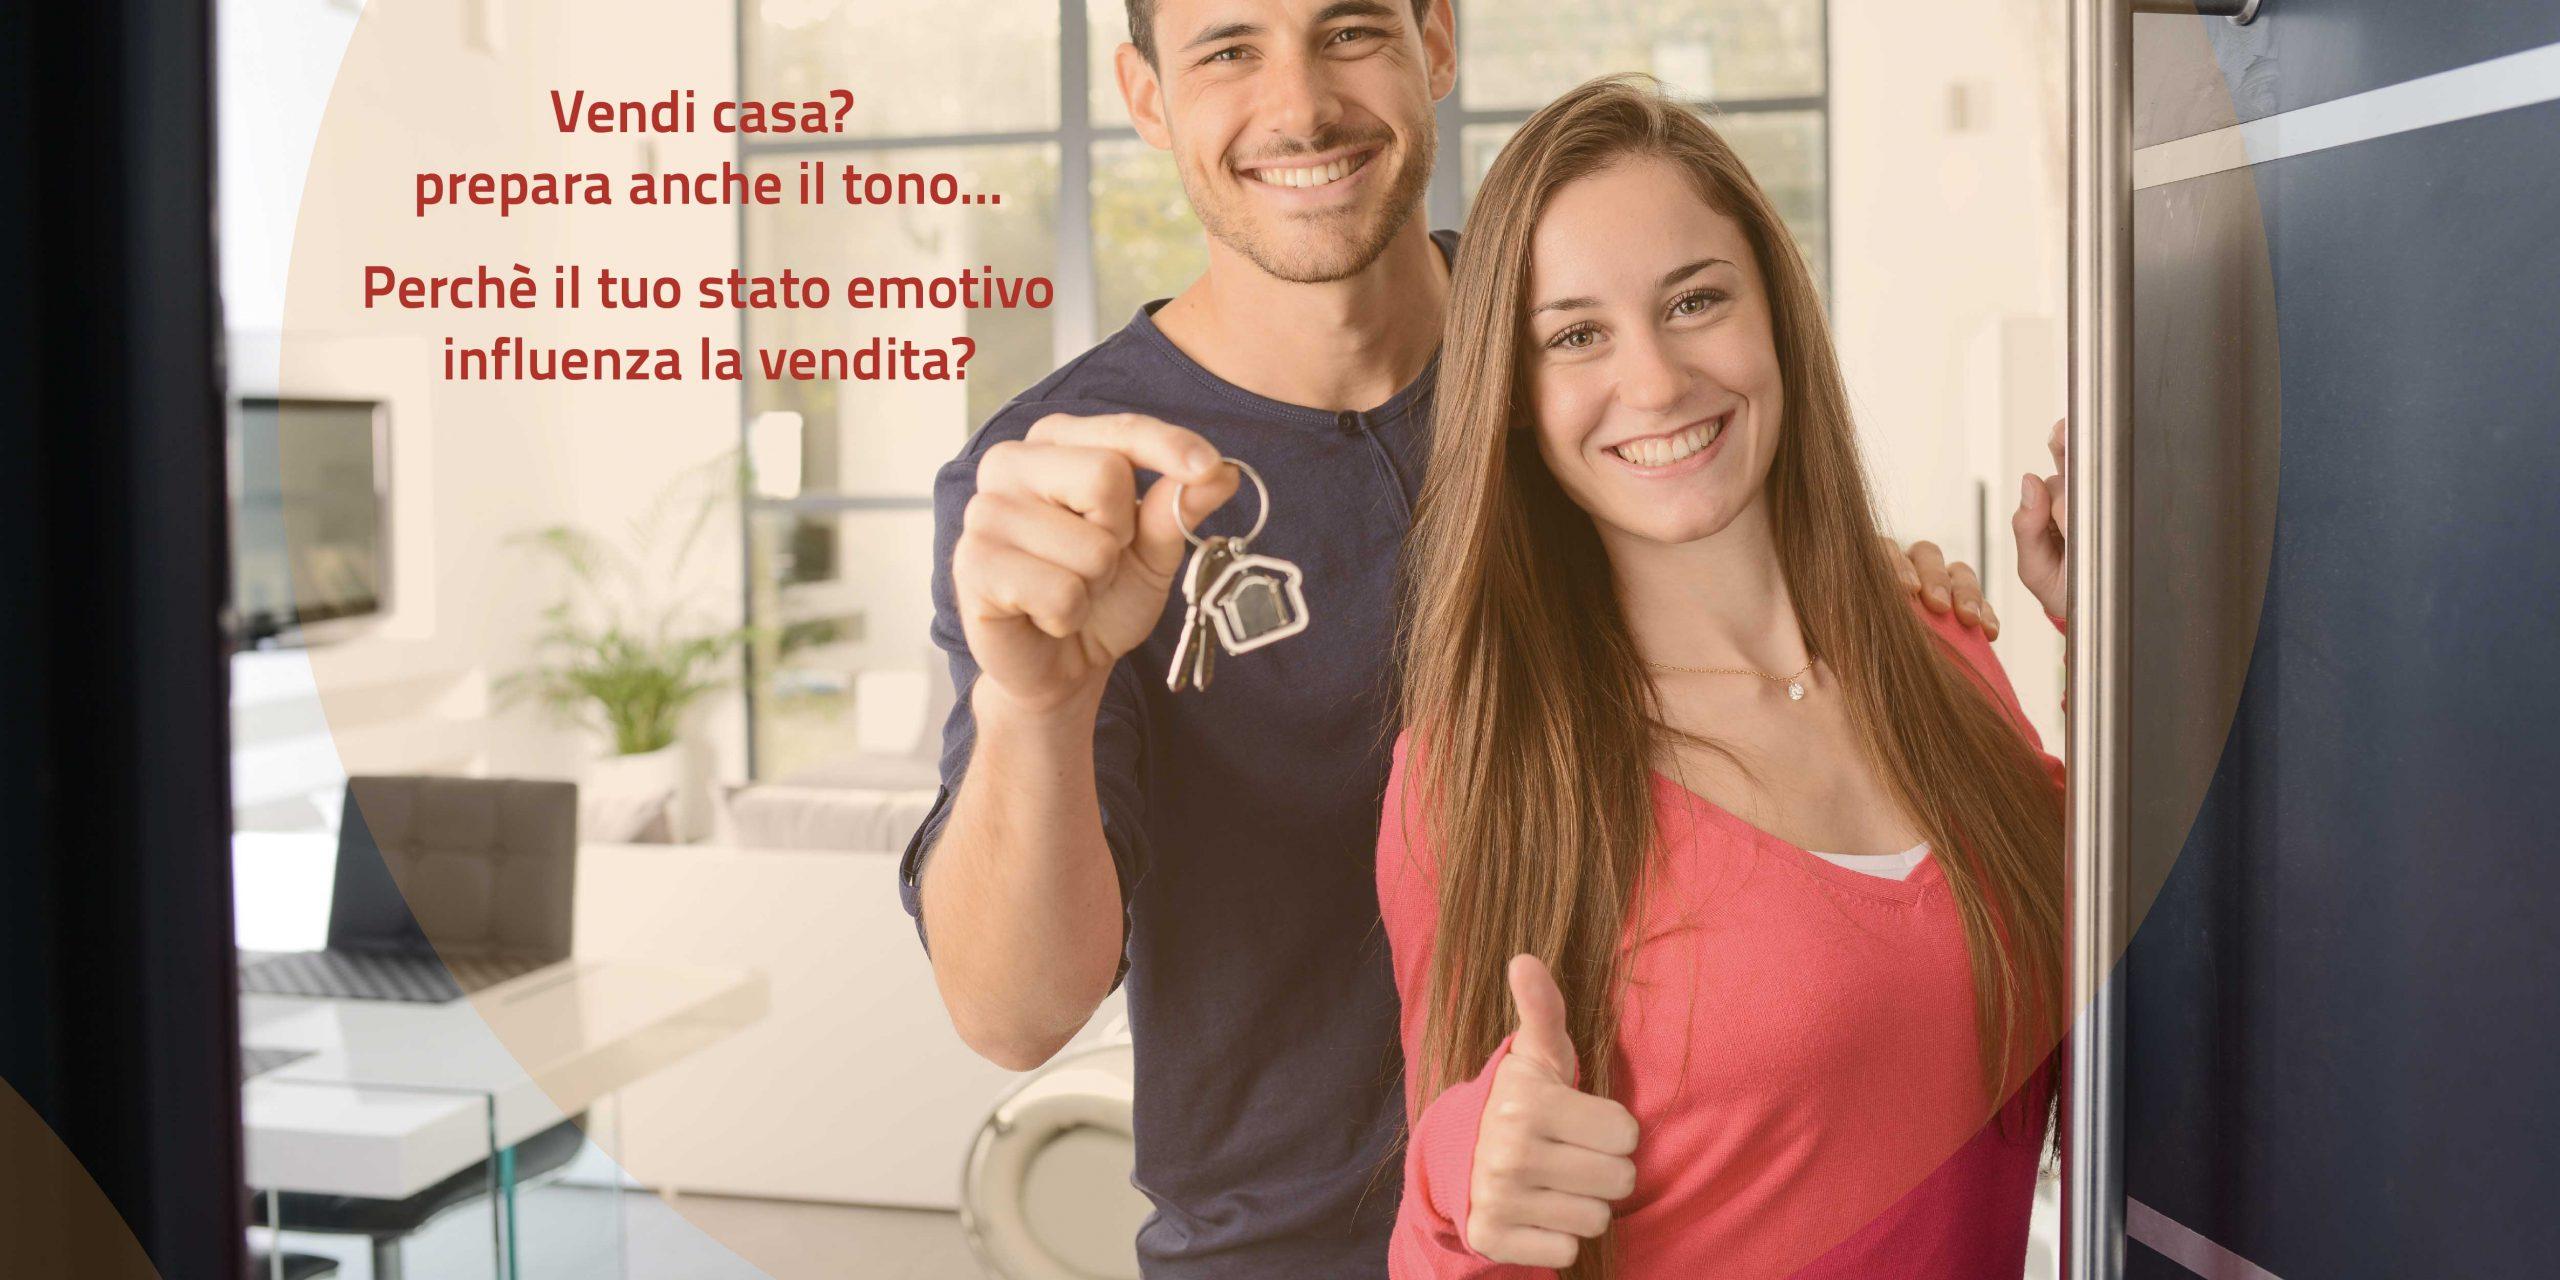 Vendi casa? prepara anche il tono… Perchè il tuo stato emotivo influenza la vendita?